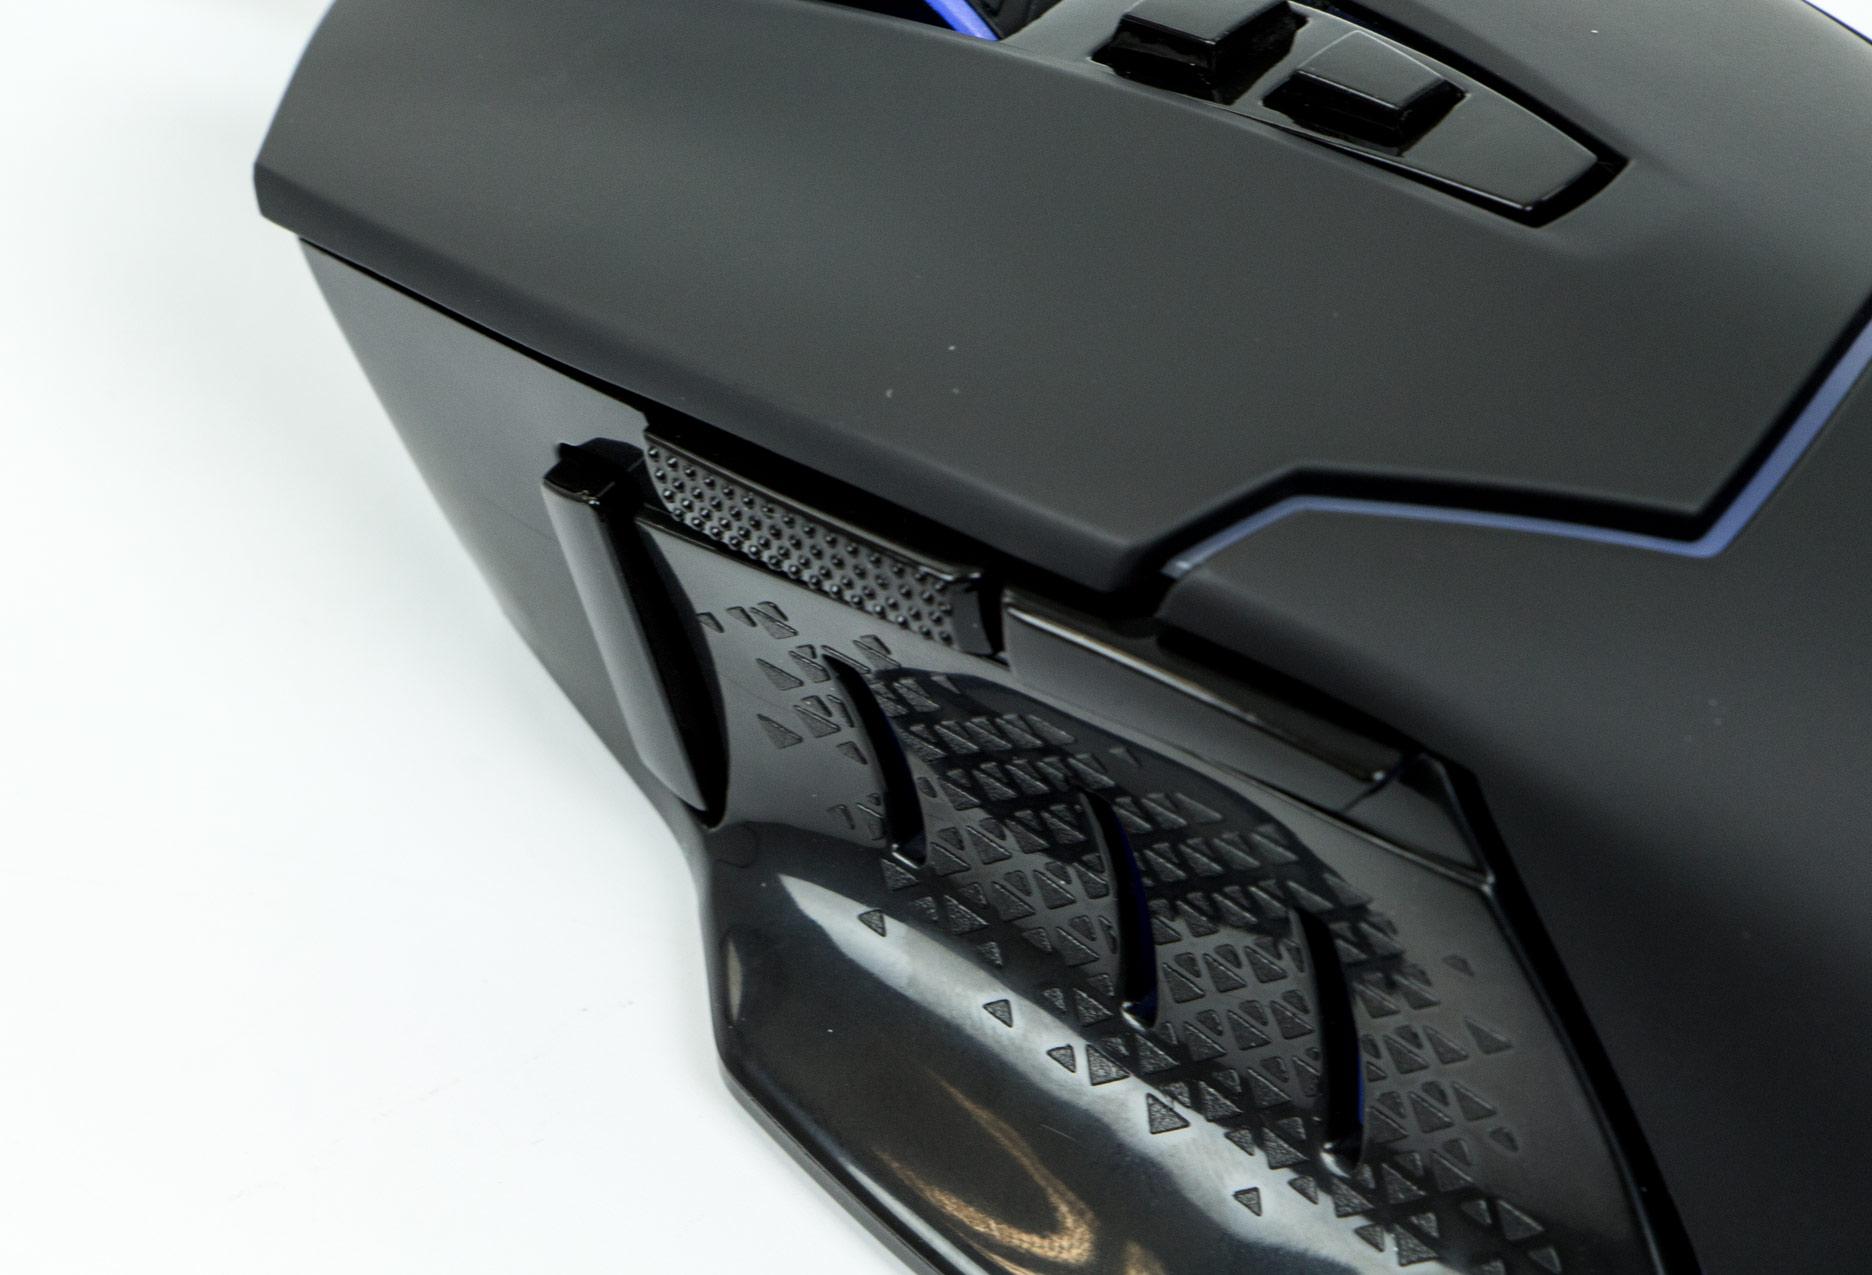 Modecom Volcano MC-GMX4 - boczne ścianki i przyciski